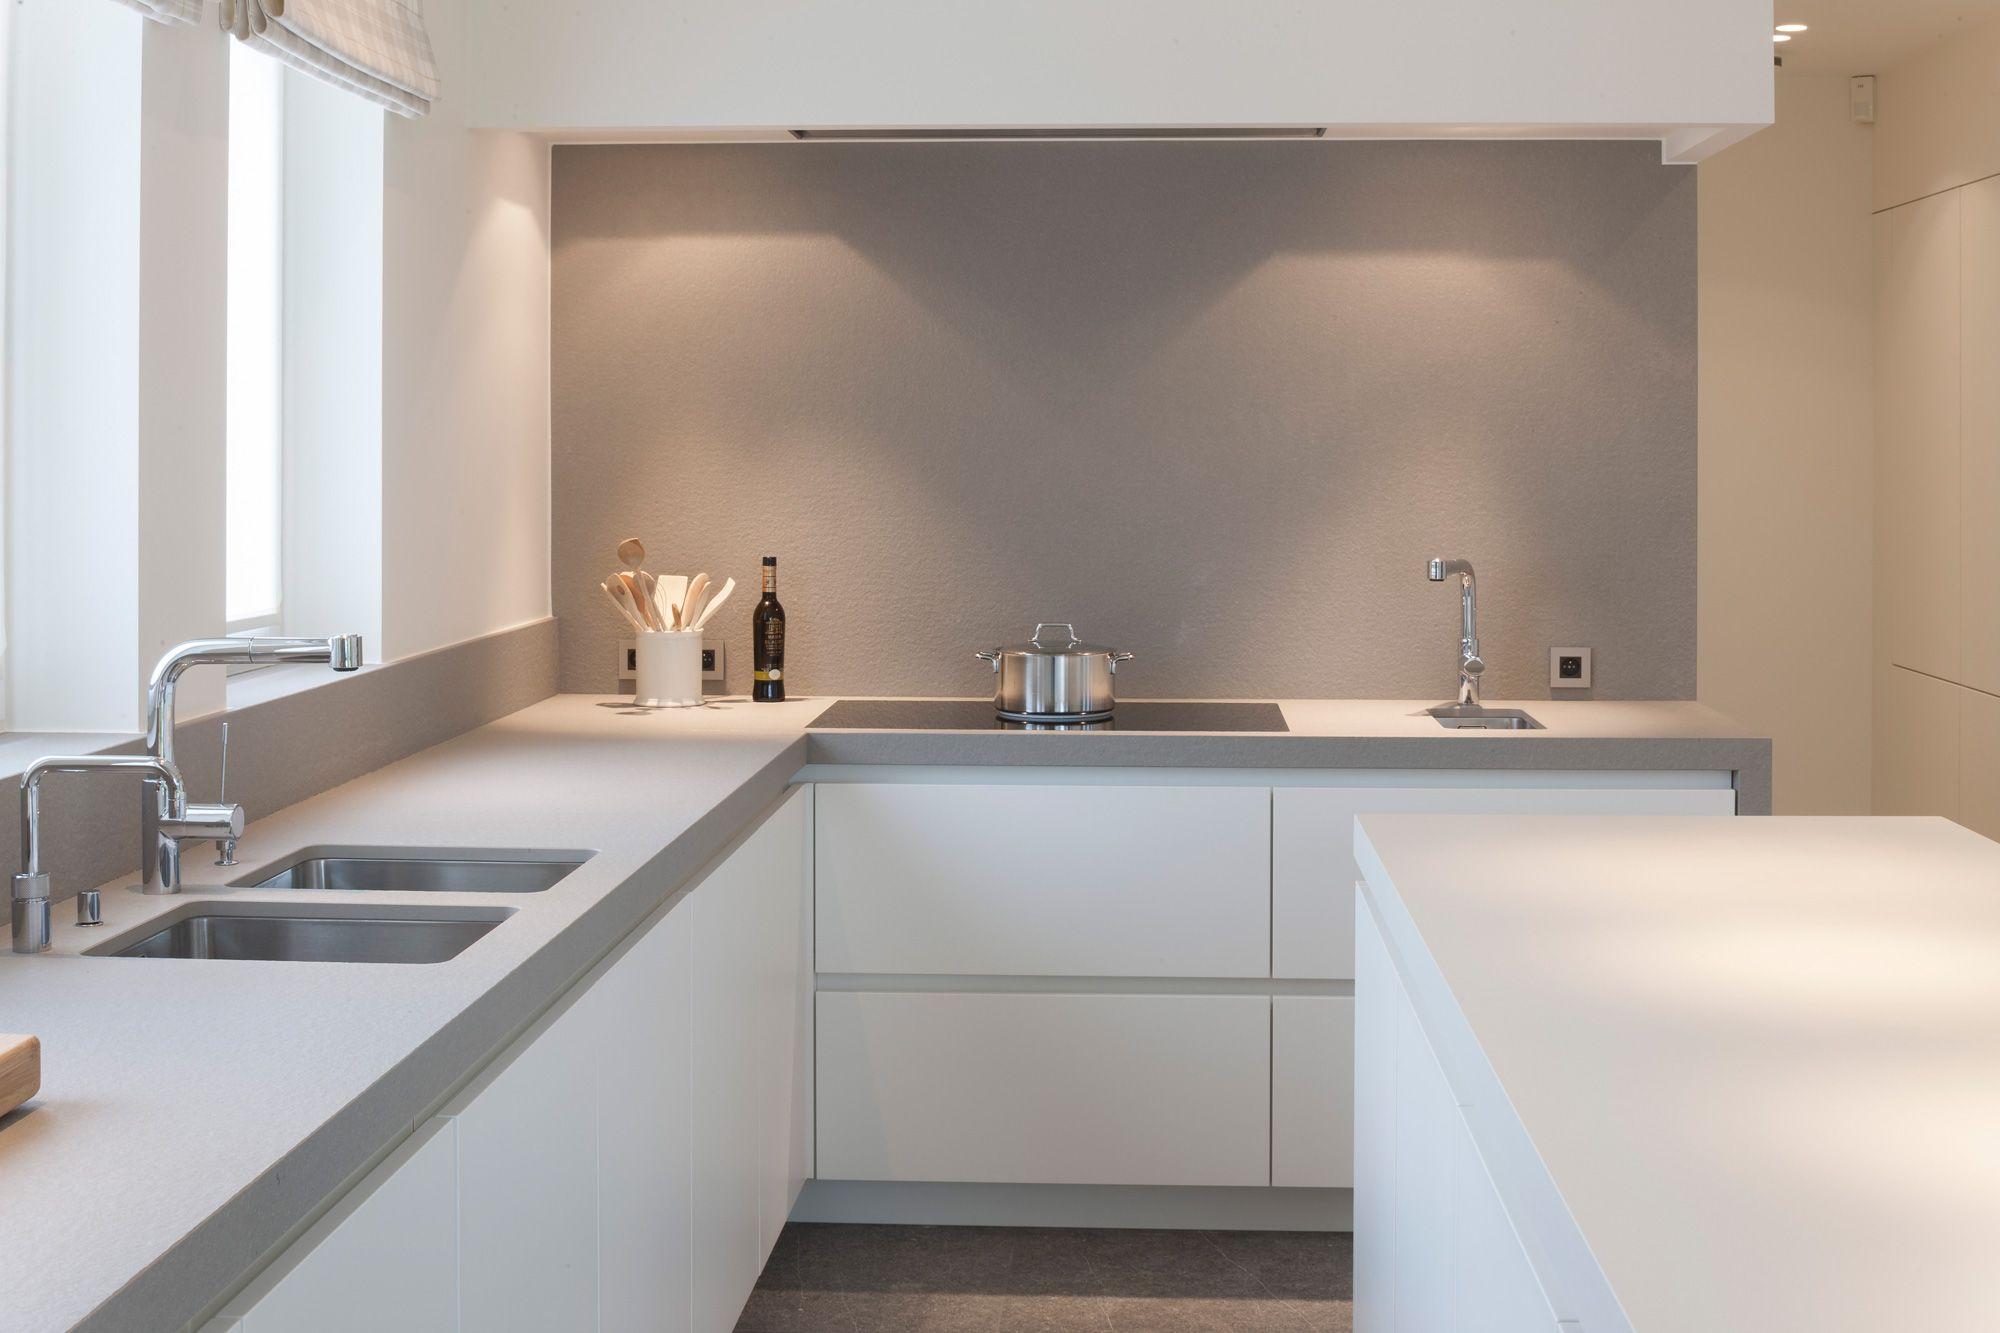 die arbeitsplatte farbe einrichten wohnen pinterest arbeitsplatte wundervoll und k che. Black Bedroom Furniture Sets. Home Design Ideas